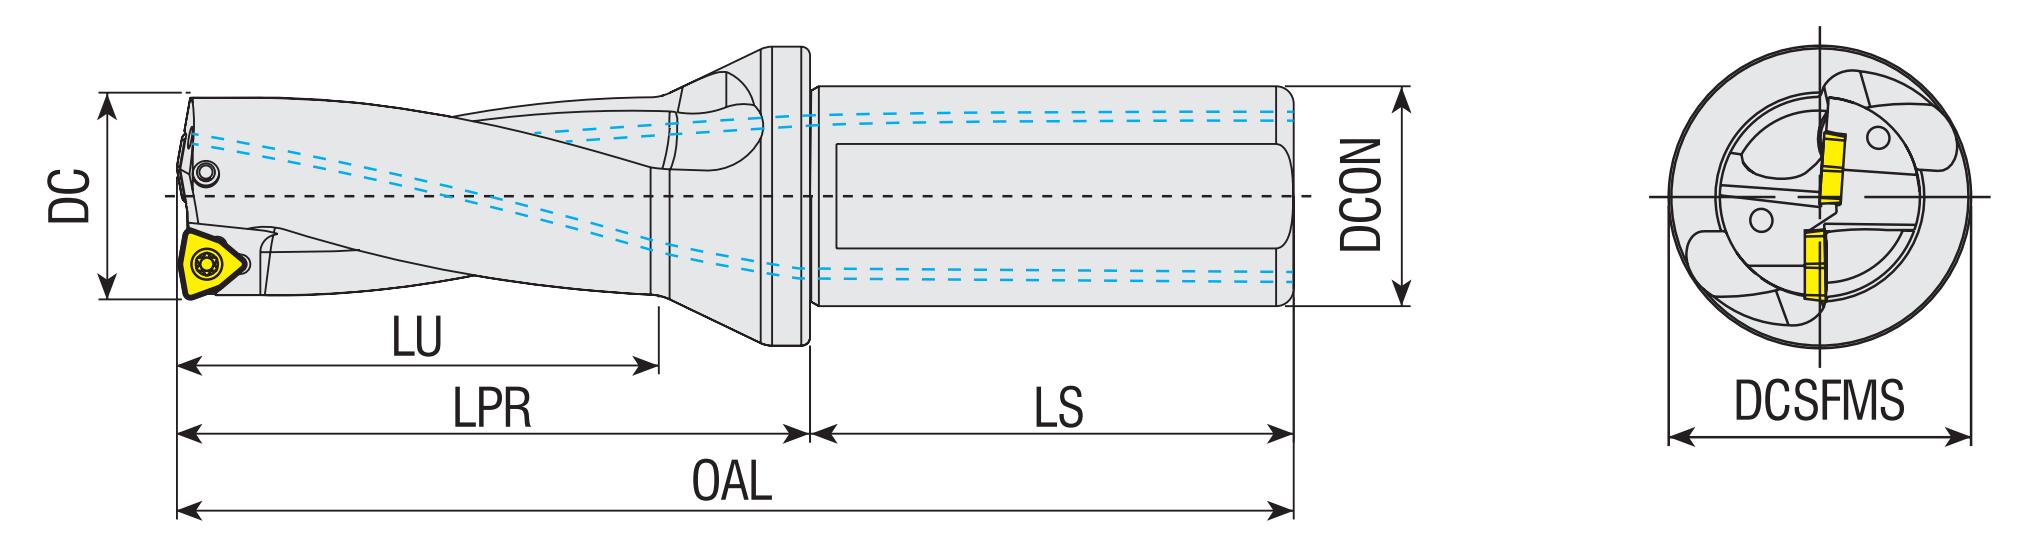 Vollbohrer 4xD mit Innenkühlung für SPKX / SPGT